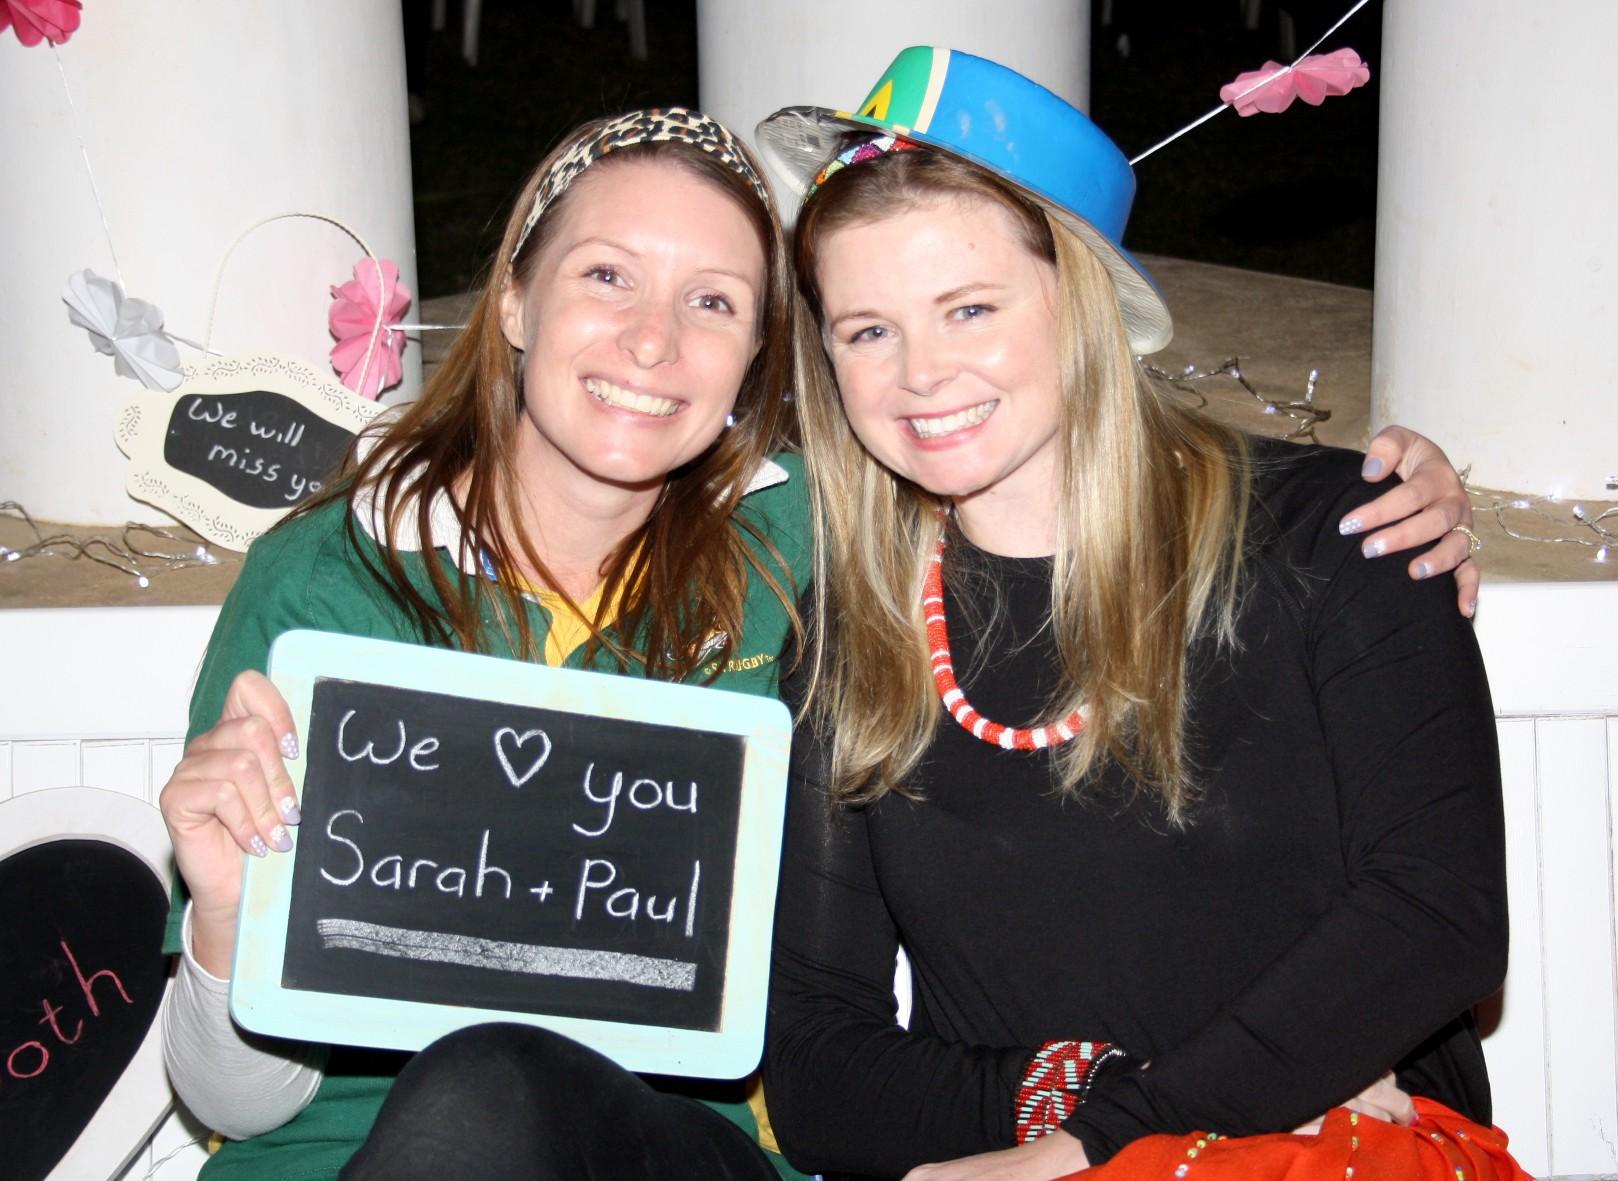 Sarah & Paul's Farewell